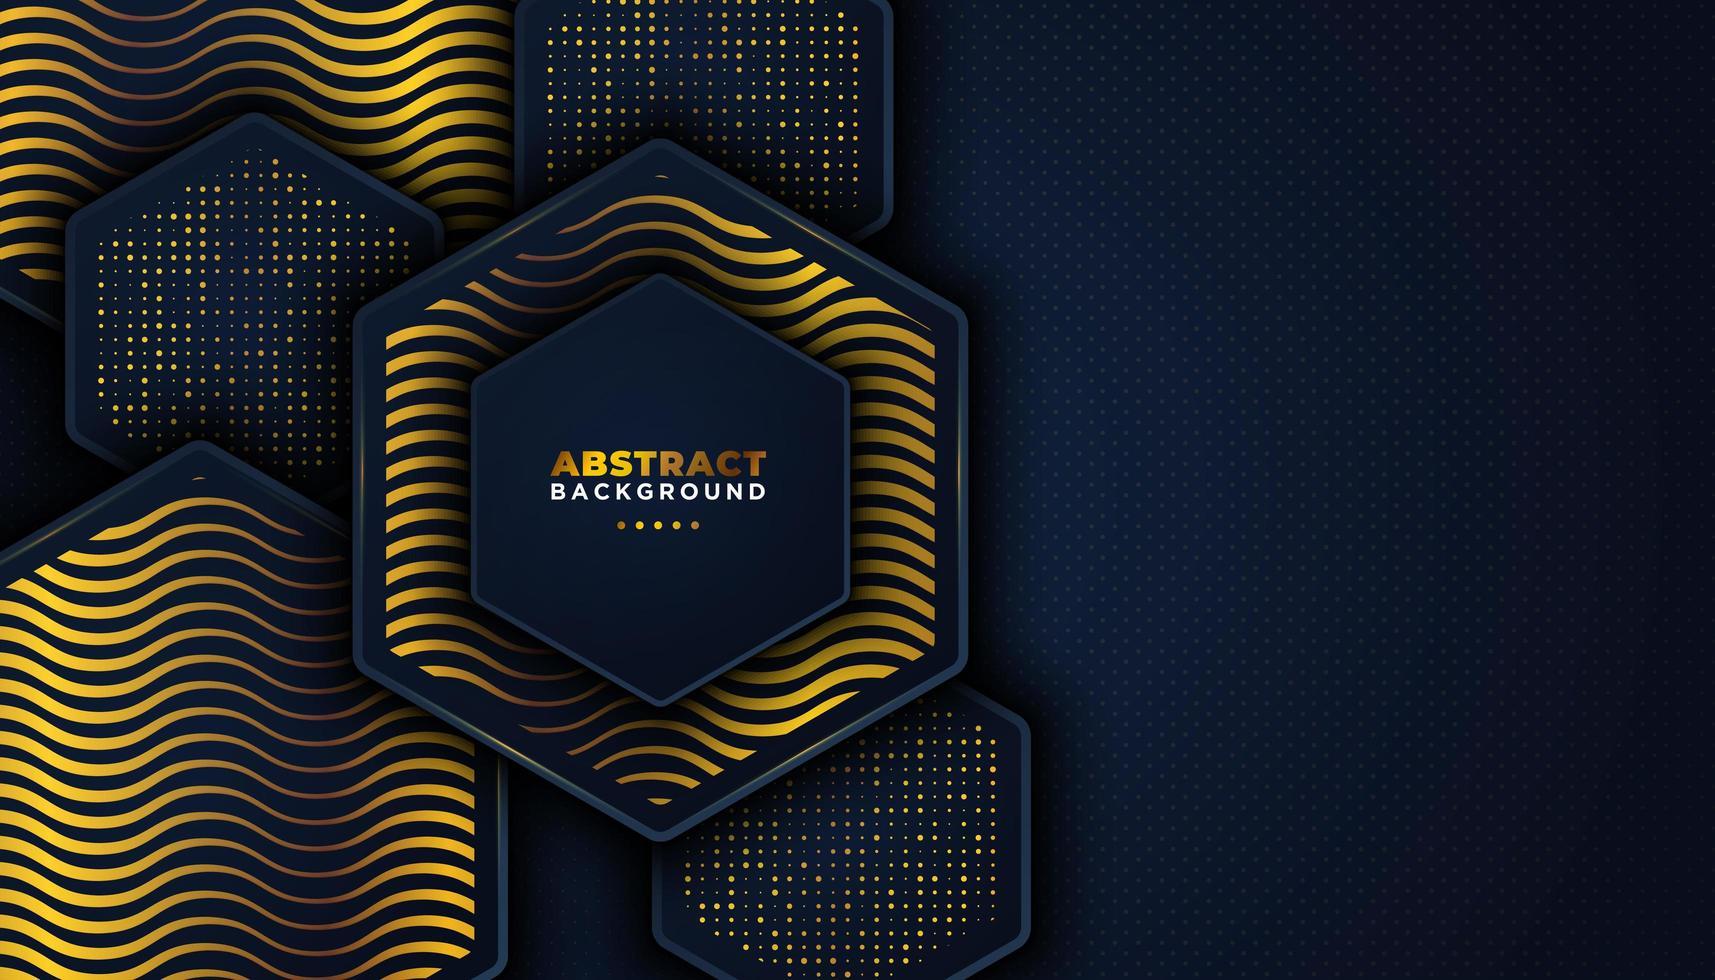 Donkere abstracte achtergrond met overlappende lagen en gouden glitters stippen vector